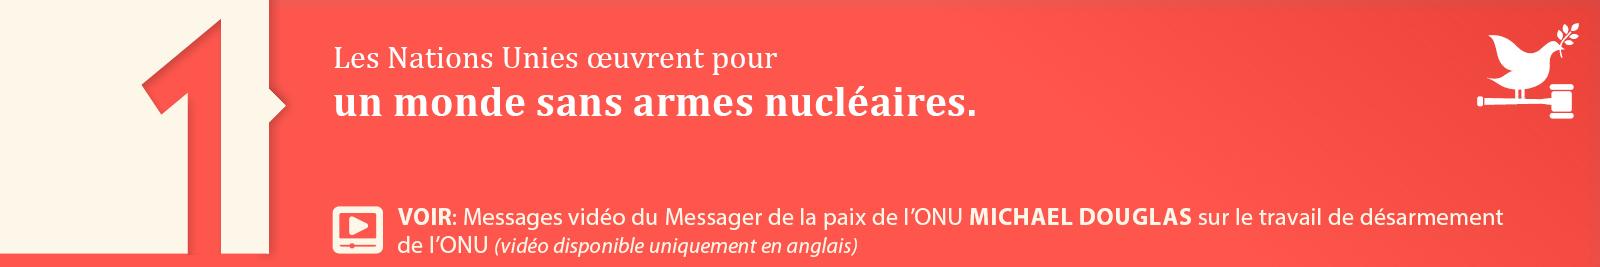 1.Un monde sans armes nucléaires.